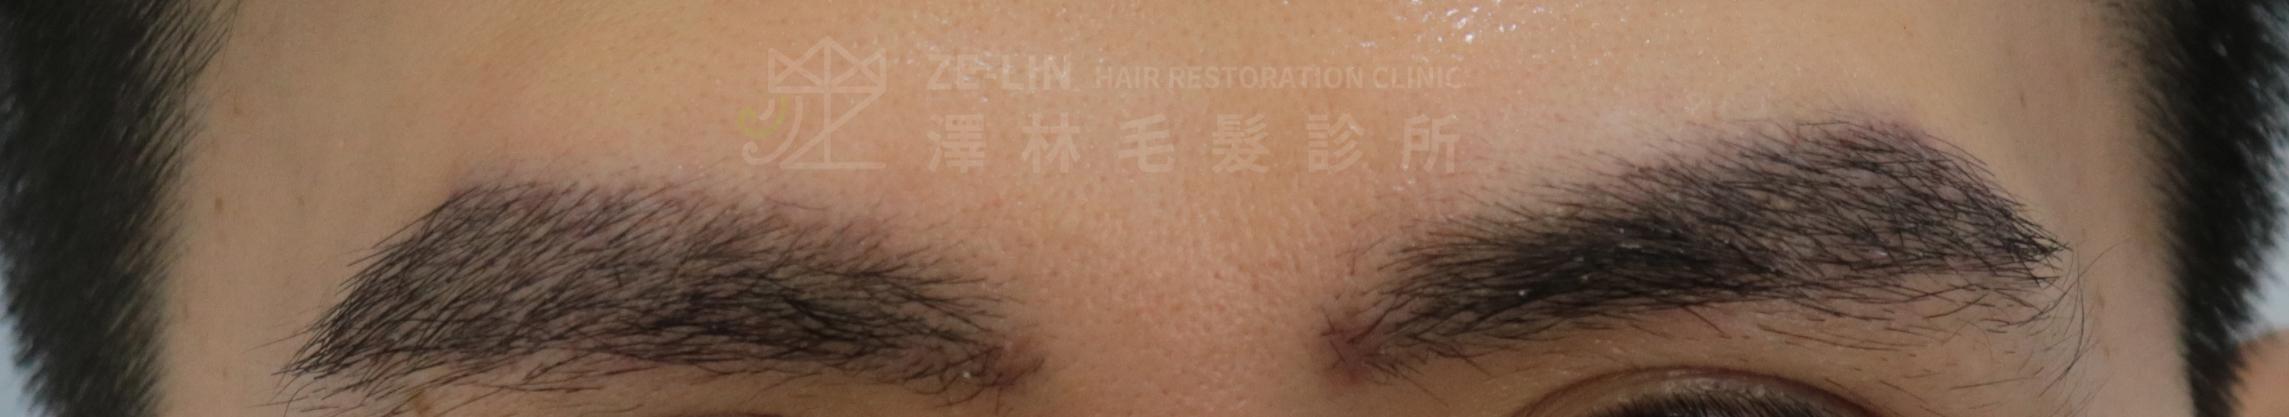 植眉改善眉尾下垂術後